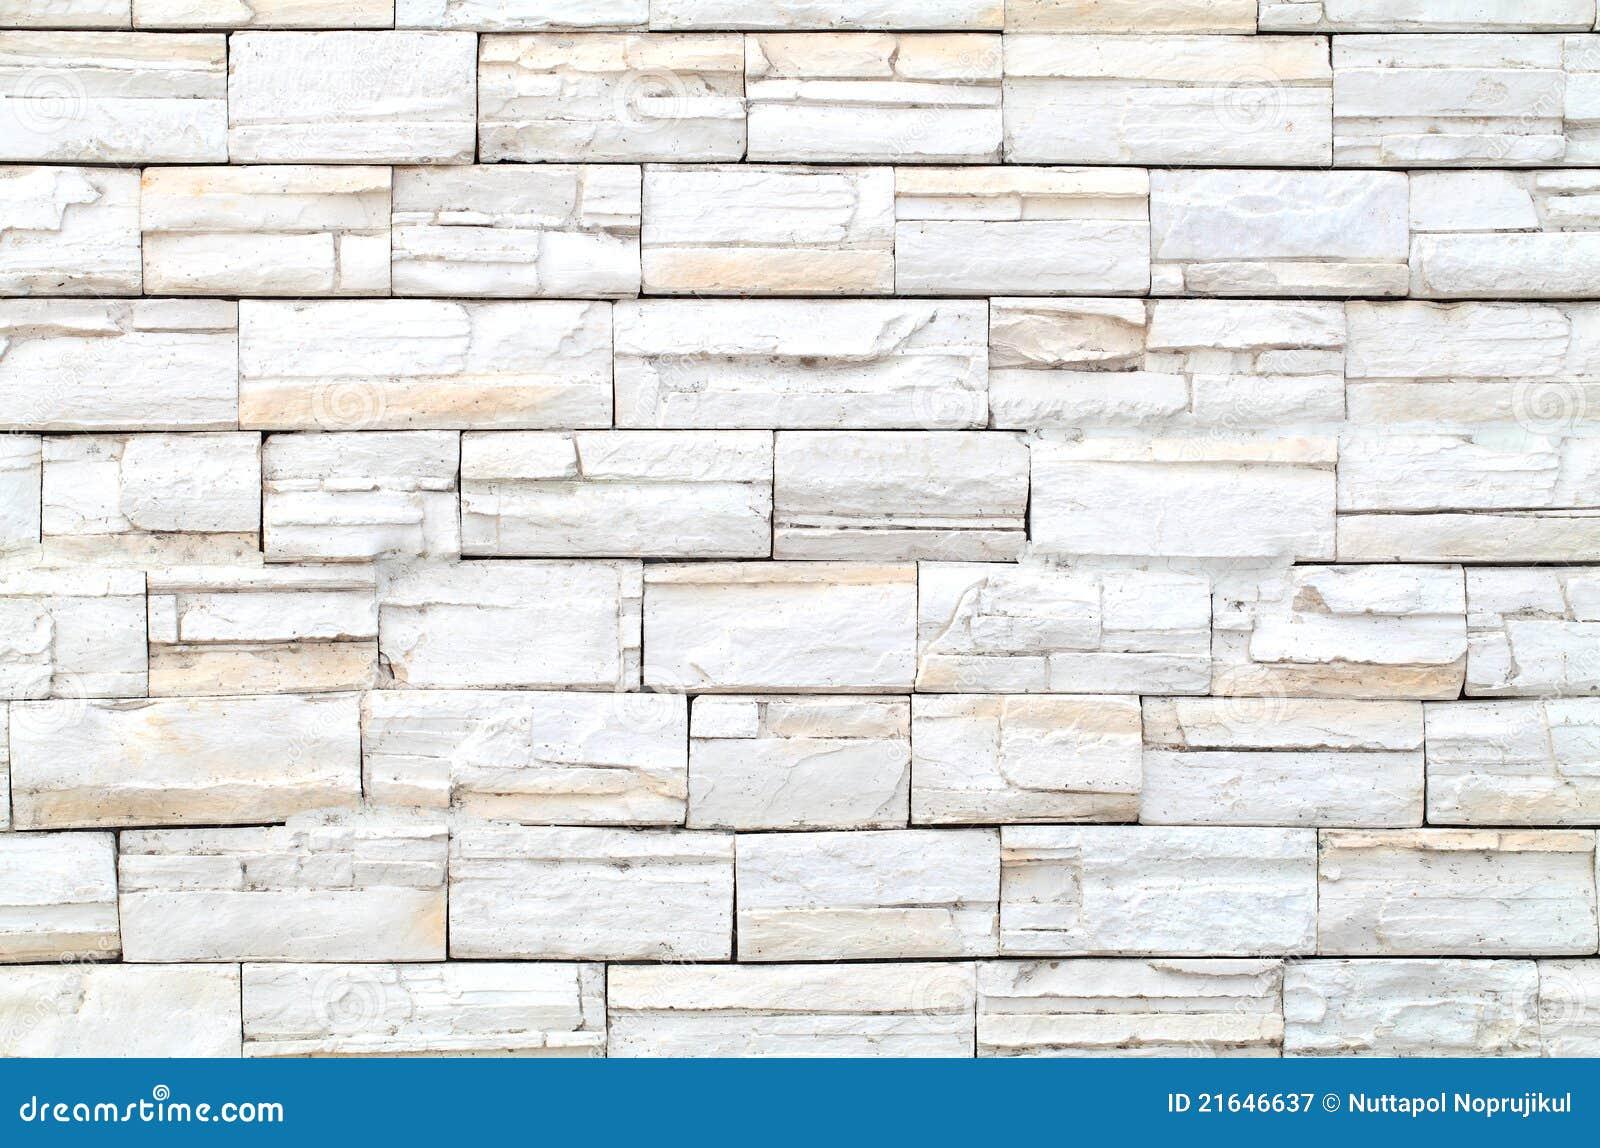 configuration du mur de briques en pierre blanc image stock image du neuf lumi re 21646637. Black Bedroom Furniture Sets. Home Design Ideas